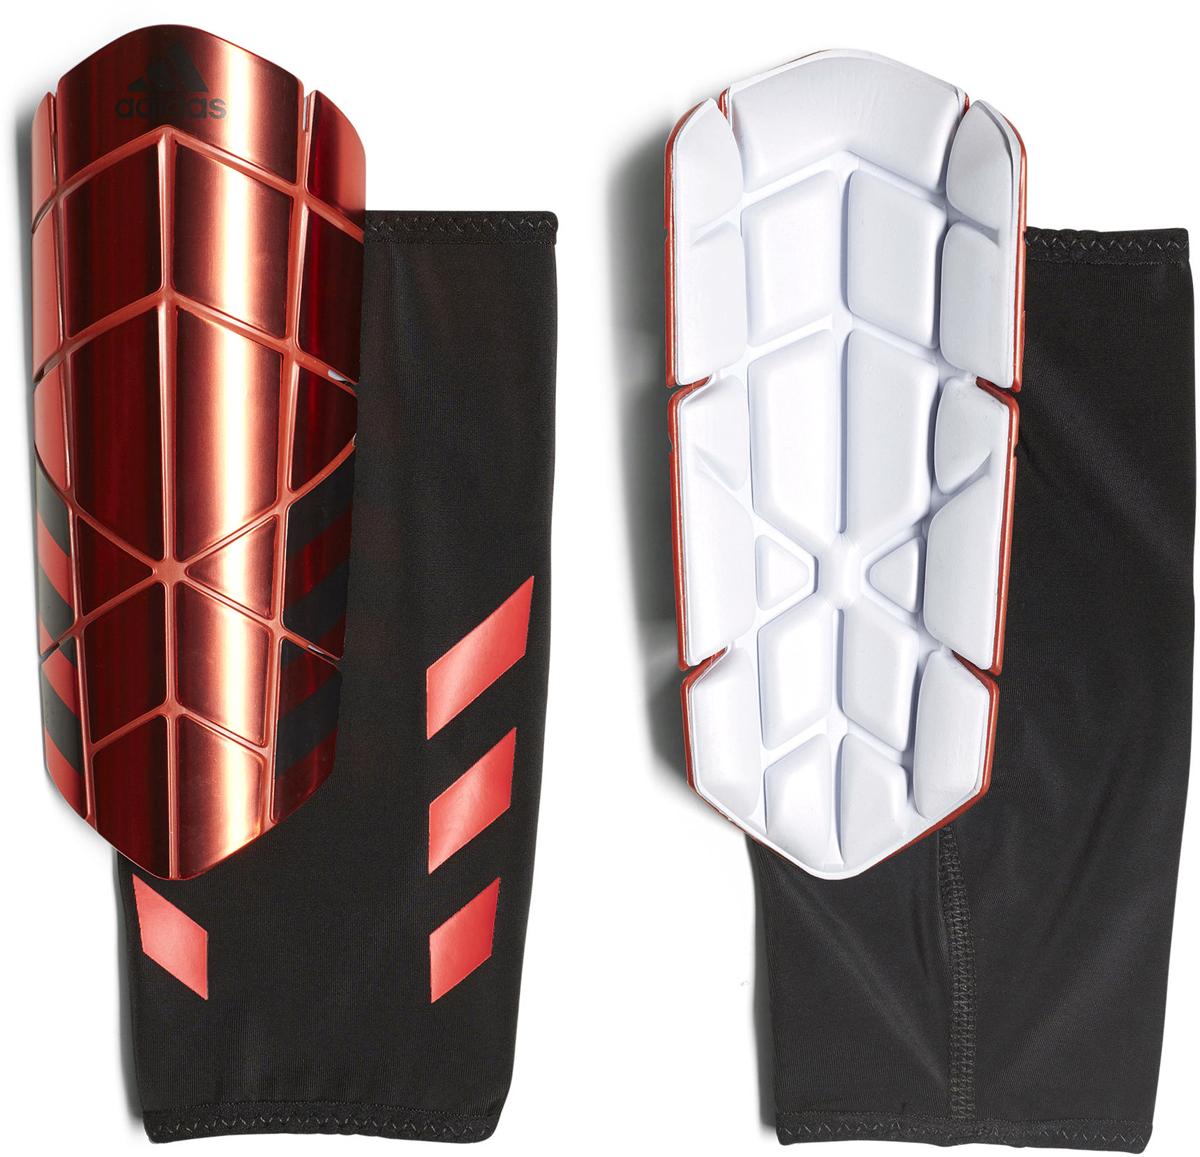 Щитки футбольные Adidas Ghost Pro, цвет: красный. Размер XSCF2431Щитки Adidas Ghost Pro для искусного маневрирования. Уверенно обходи защиту в этих футбольных щитках. Гибкие пластины повторяют изгибы голени и не сковывают движения во время маневрирования. Компрессионный рукав удерживает щитки на месте до конца матча.Гибкие рельефные пластины удобного размера обеспечивают максимальную защиту. Внутренний слой из ЭВА для оптимального комфорта и амортизации. Съемная передняя панель обеспечивает идеальную посадку и комфорт. Три полоски и логотип Adidas на лицевой стороне. Щитки выполнены из 95% полипропилена и 5% термопластичной резины.